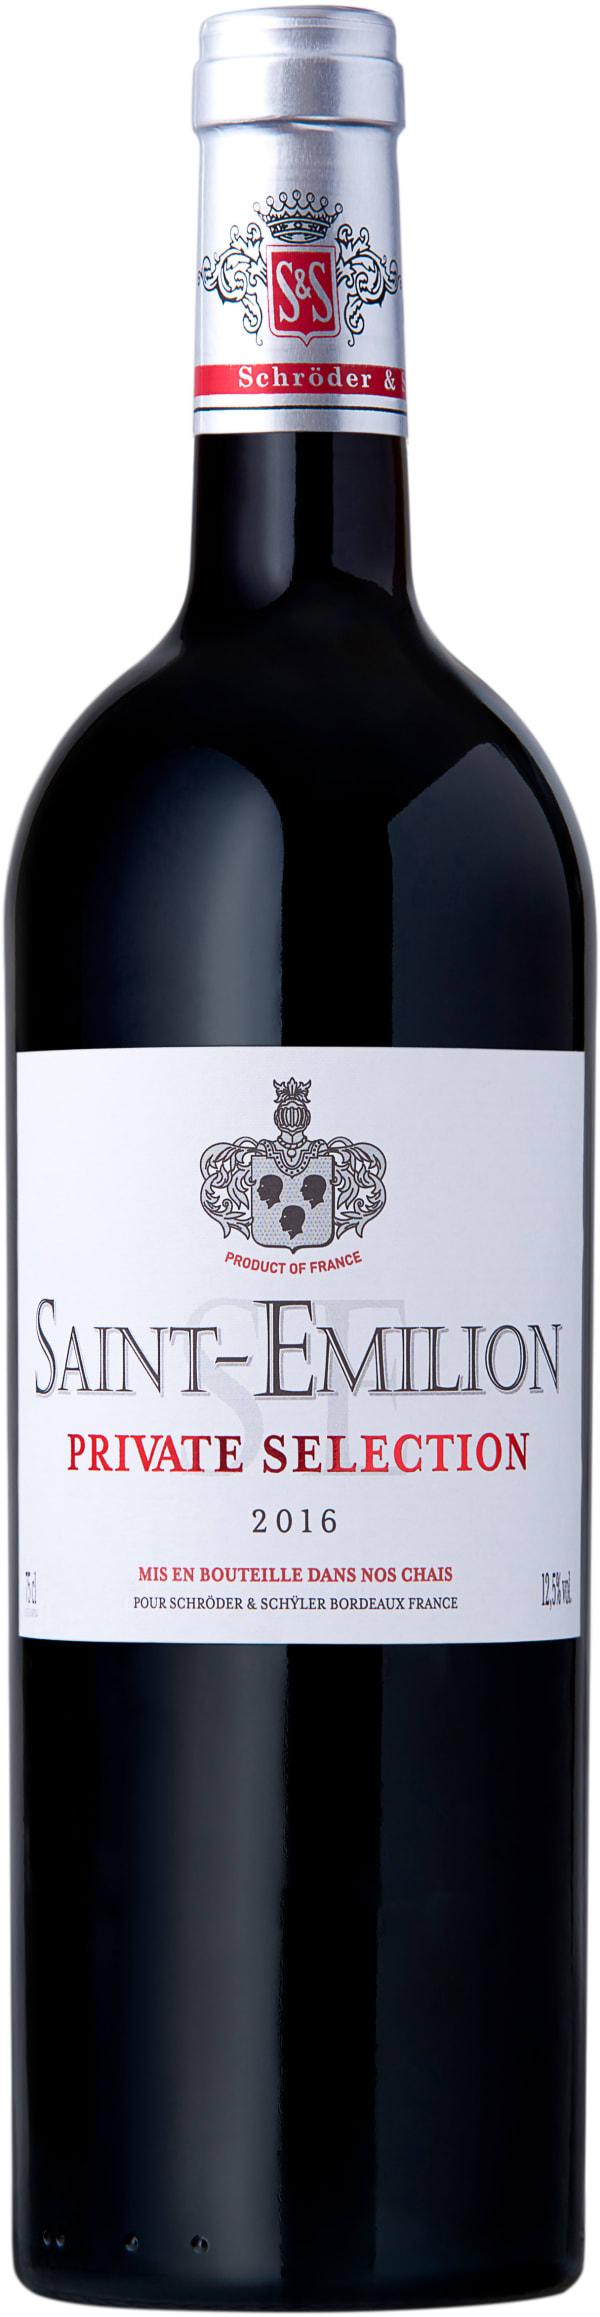 Schröder & Schÿler Private Selection Saint Émilion 2016